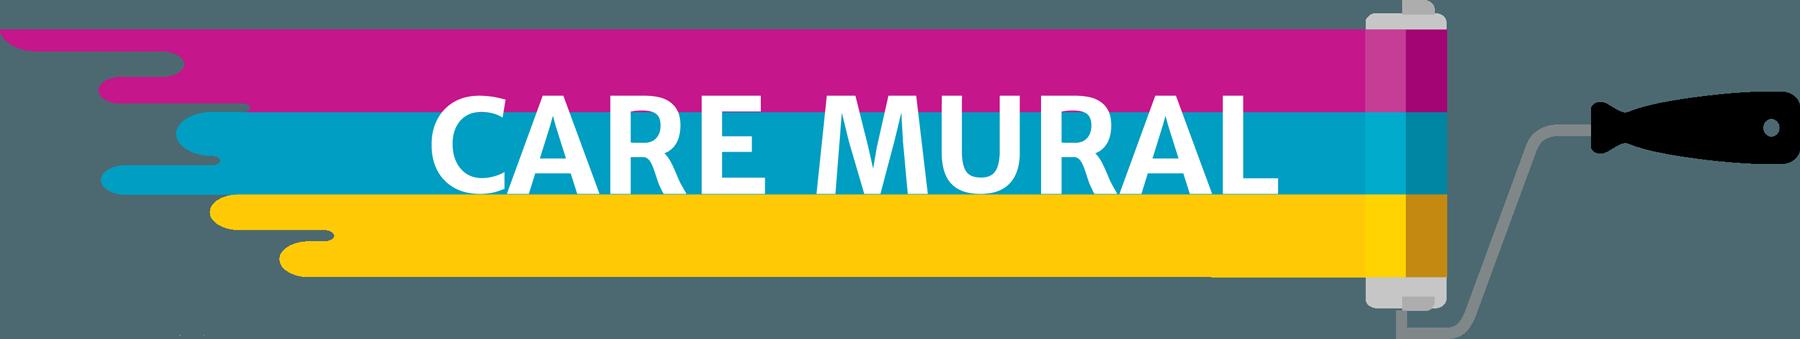 Care Mural logo